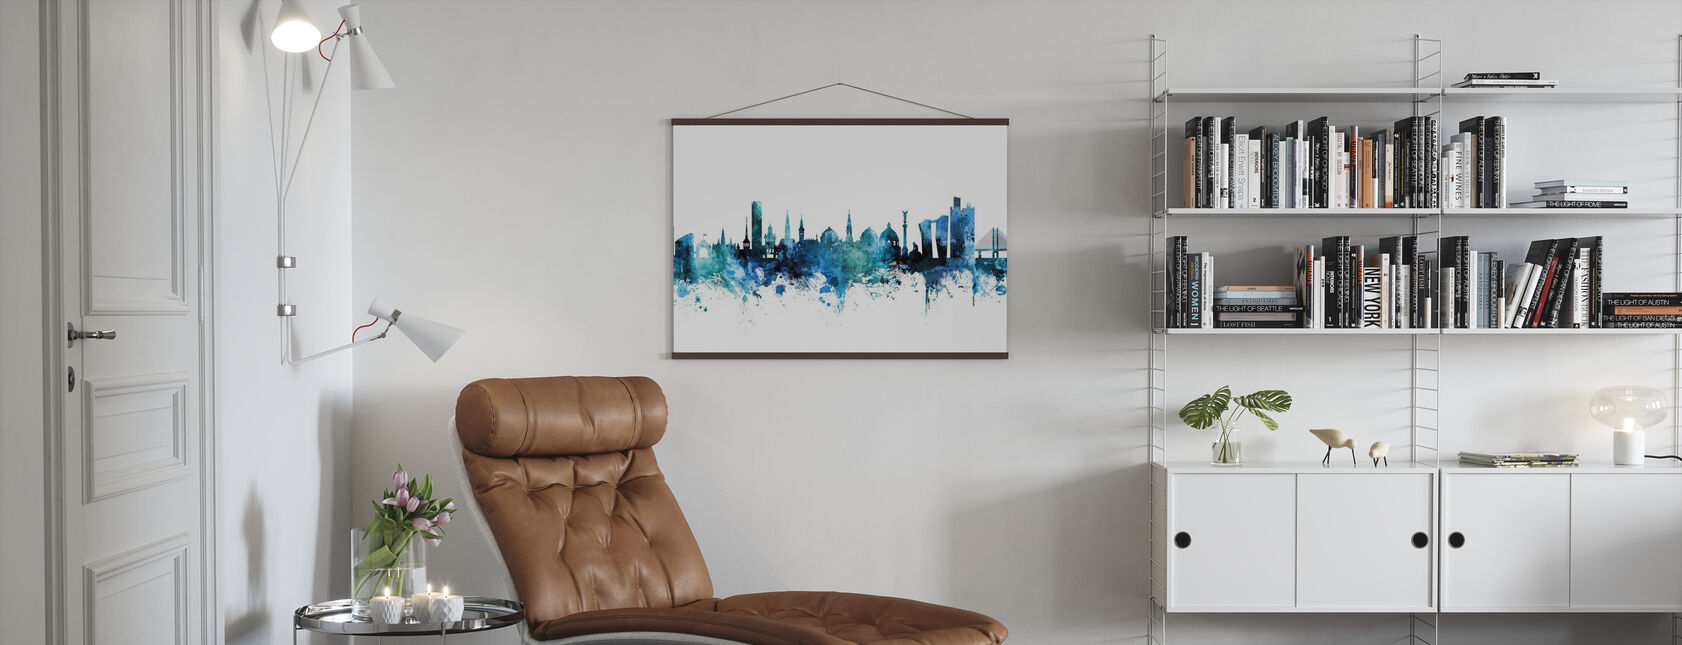 Copenhagen Denmark Skyline - Poster - Living Room